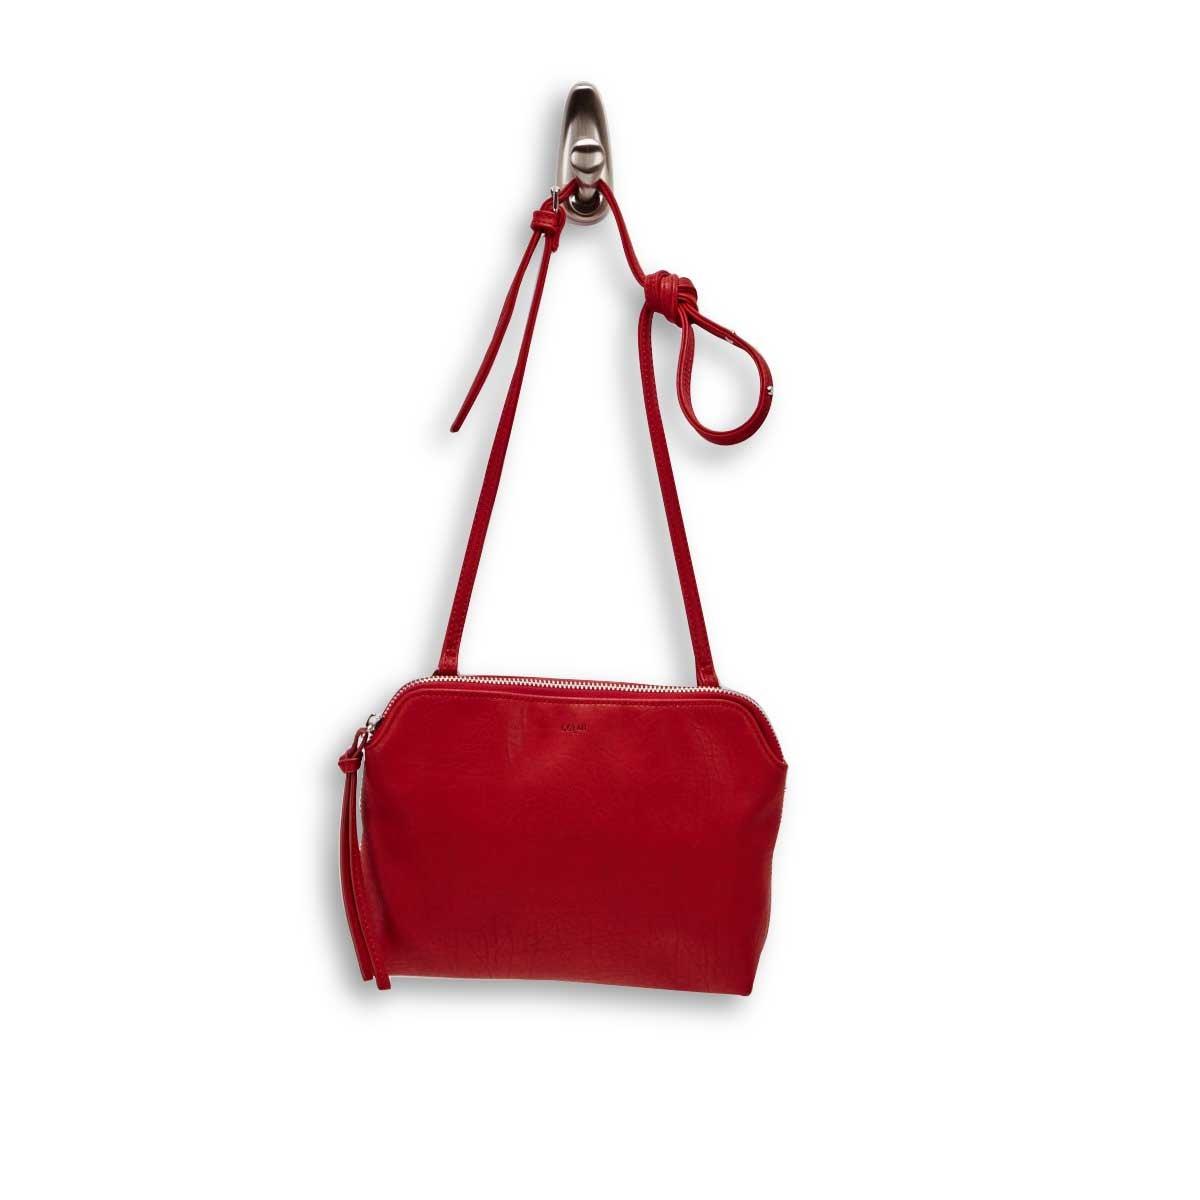 Lds red top zip cross body bag